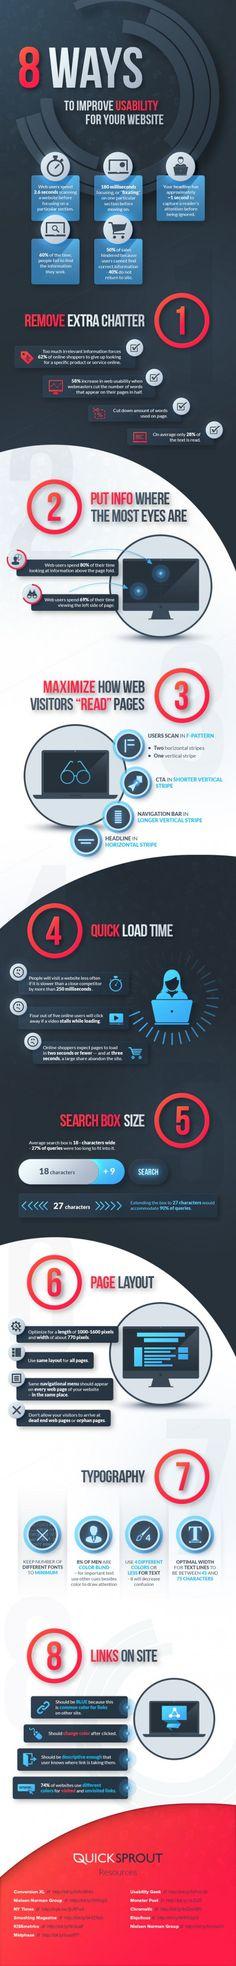 Mit diesen 8 Tipps zu einer verbesserten Usability einer Web Seite